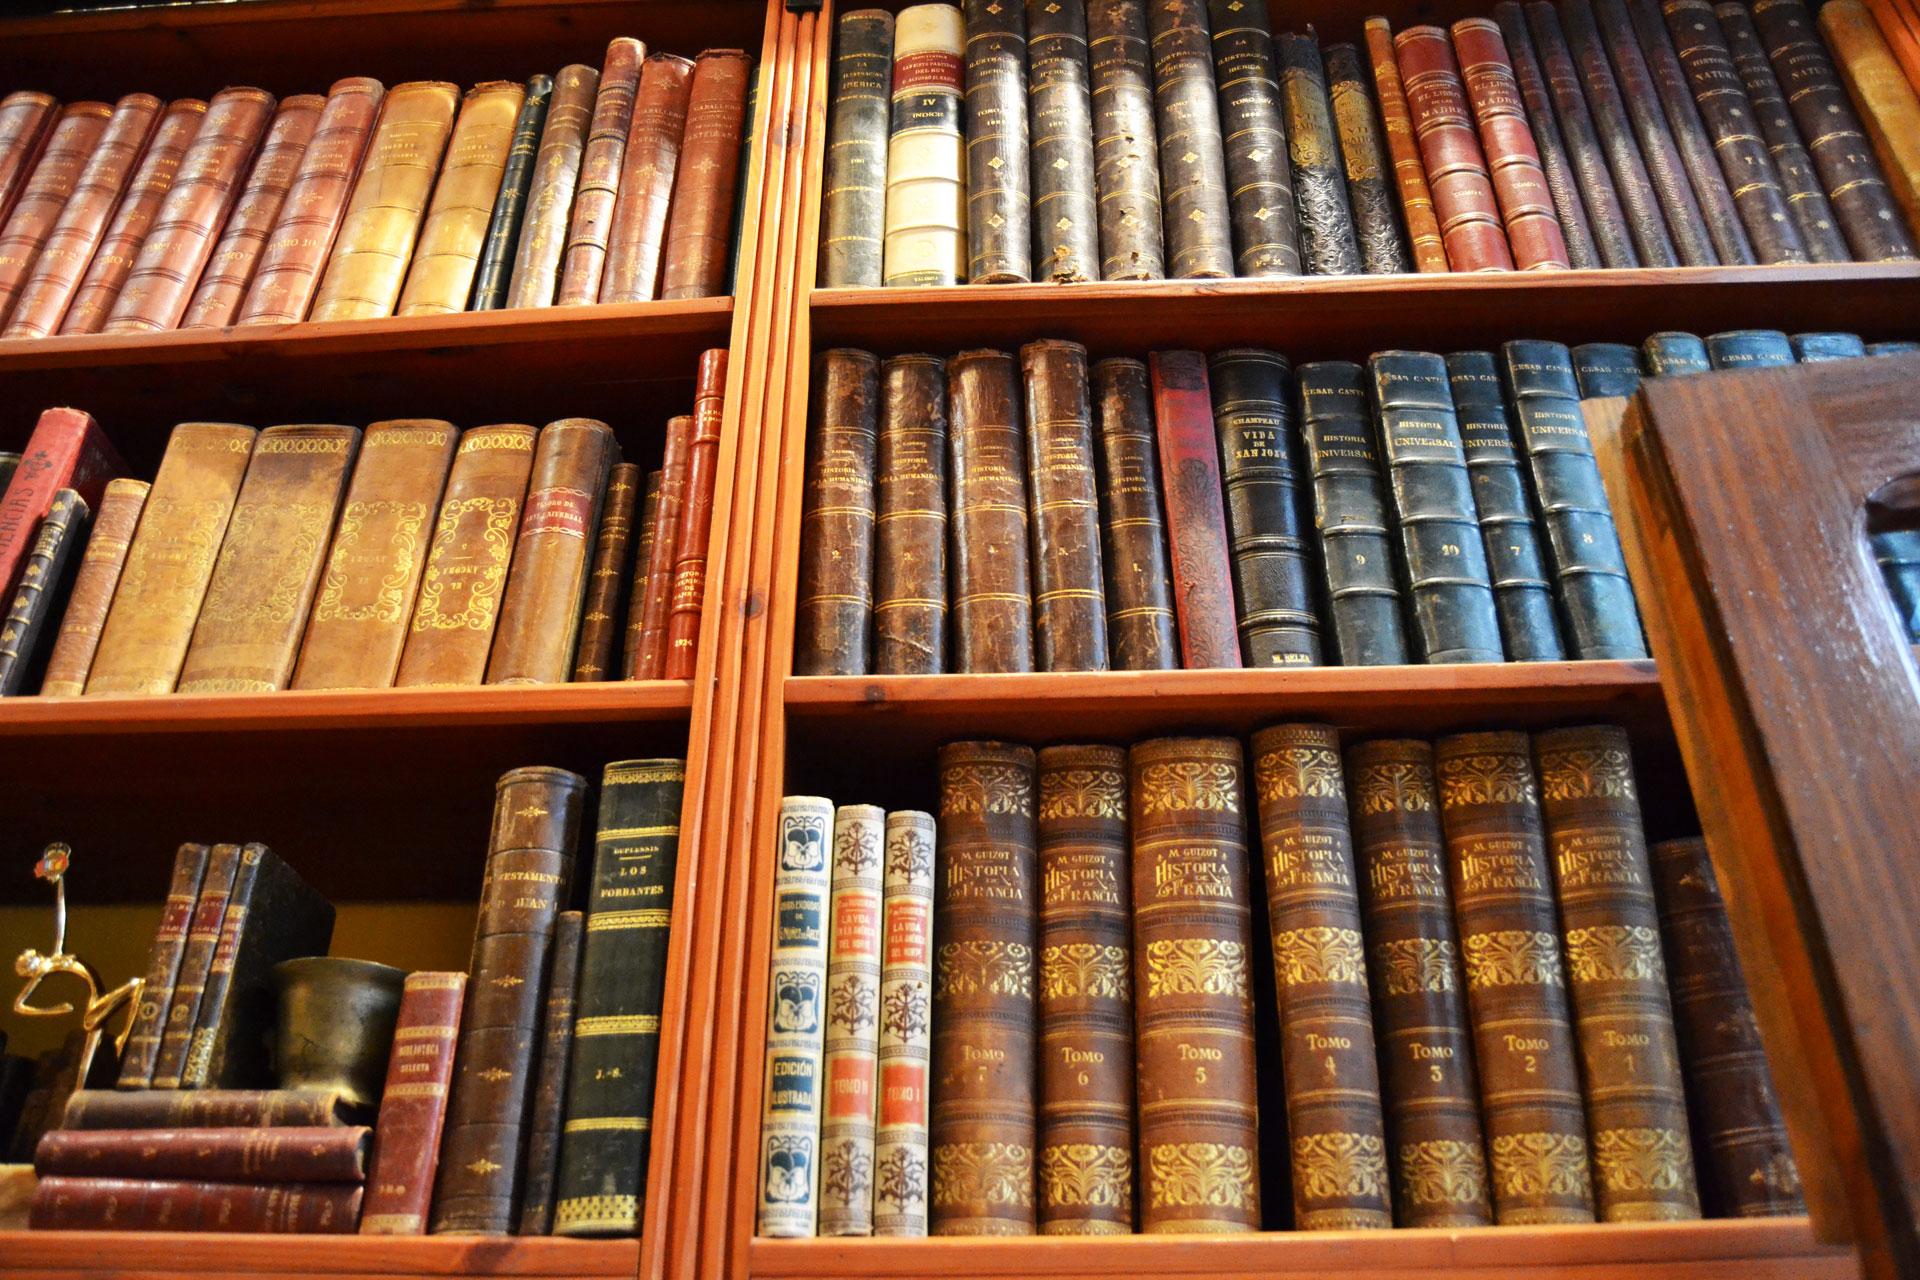 ヨーロッパのアンティーク洋書が収められた古書店の書棚